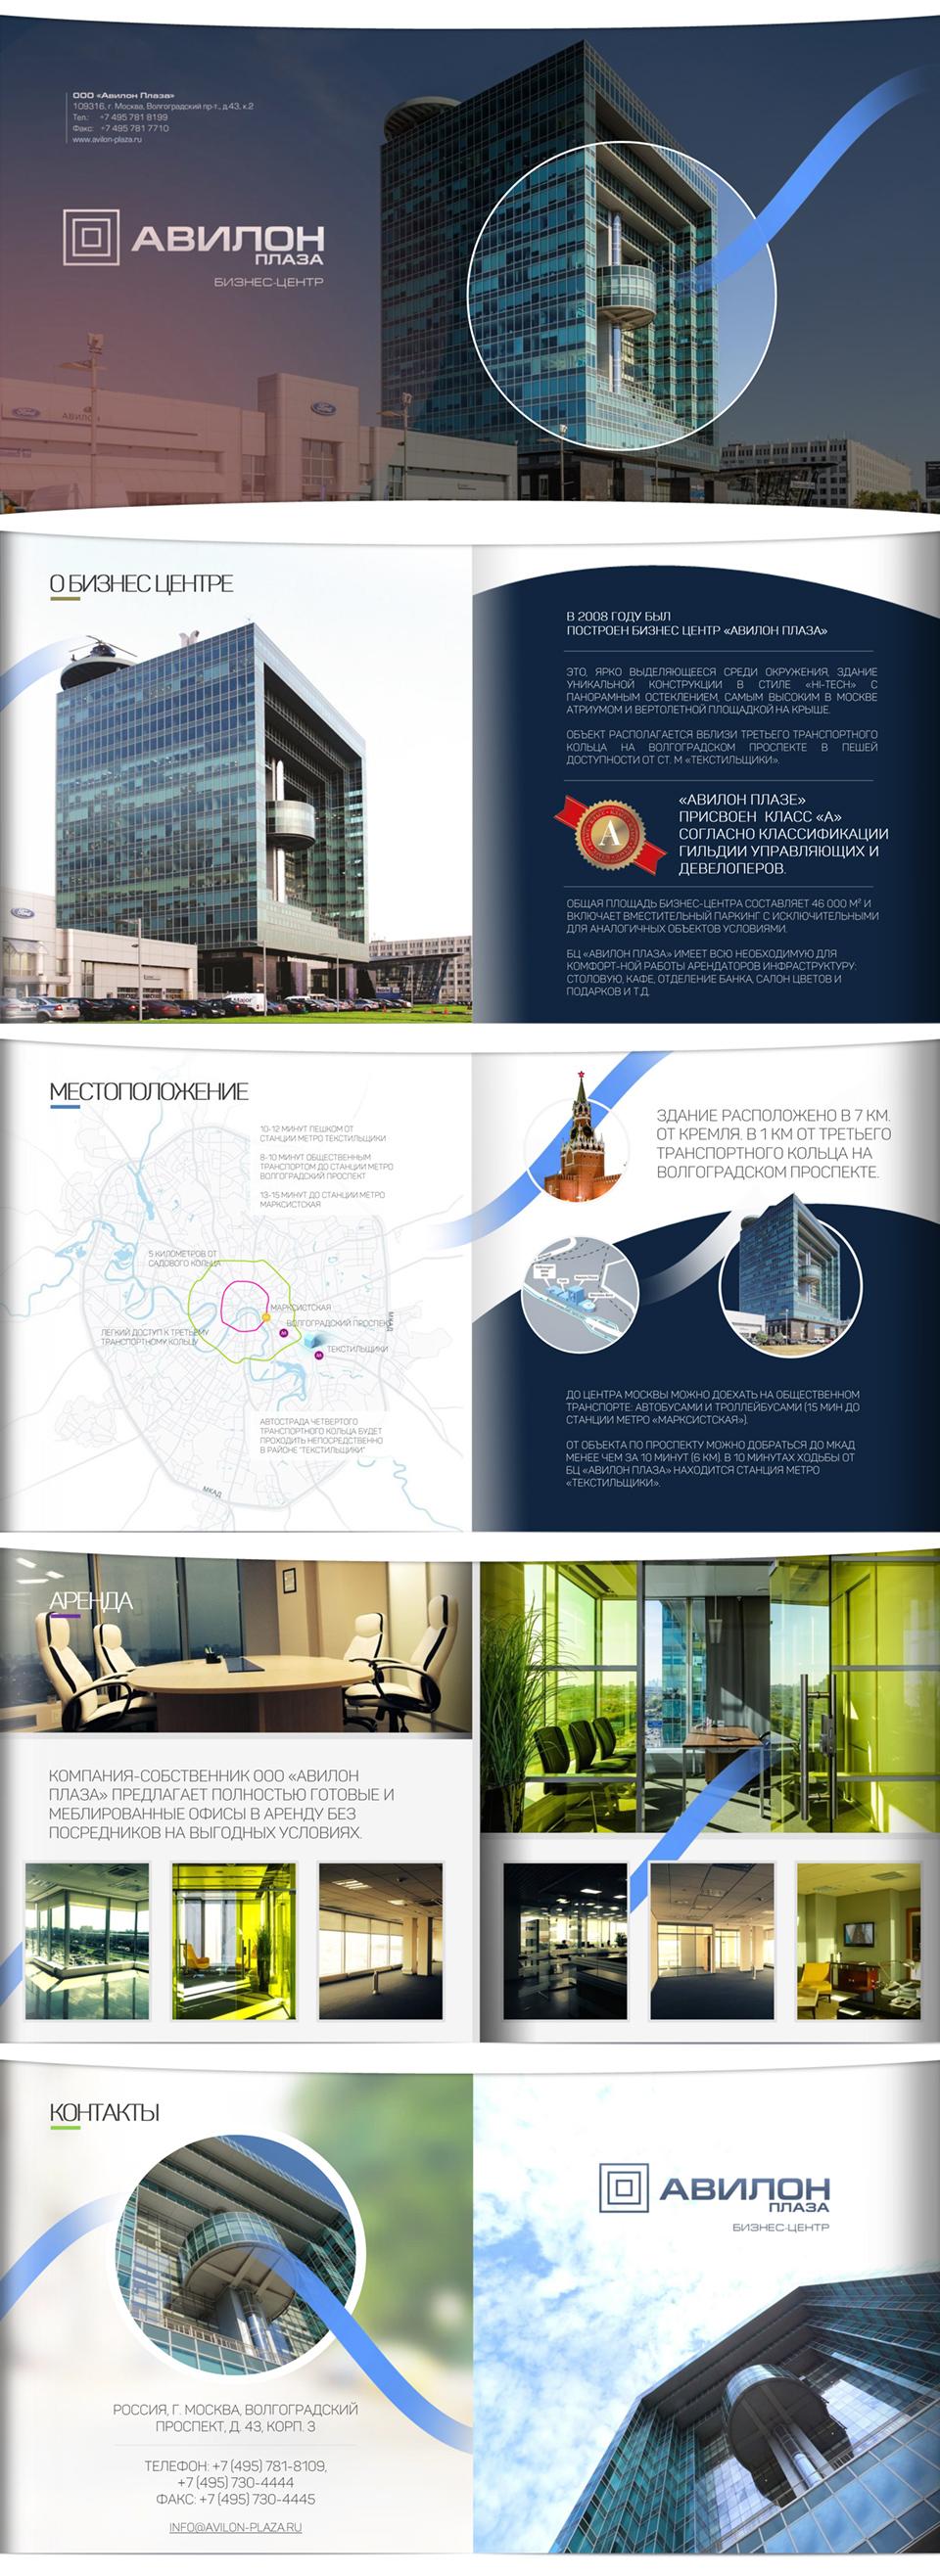 Презентация Бизнес центра / Авилон-плаза (Москва)